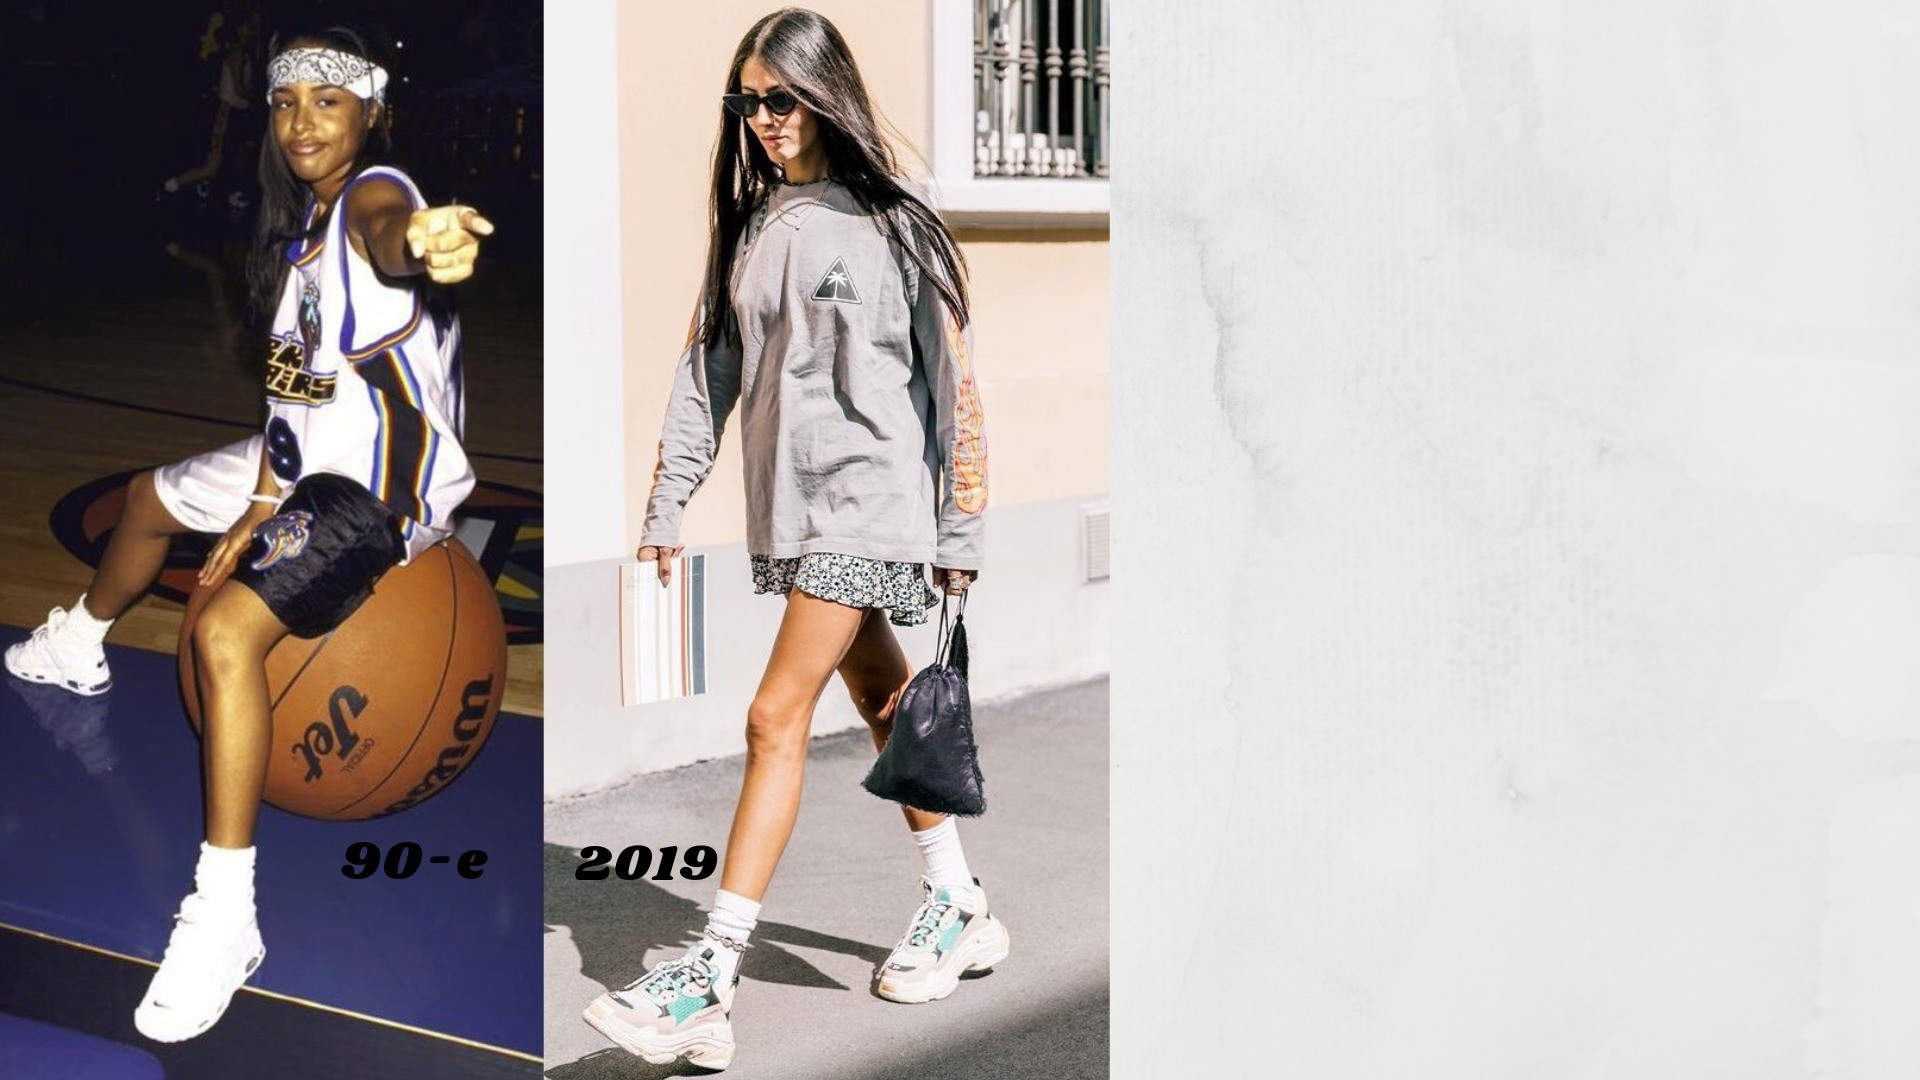 В модных кругах эту обувь окрестили «uglysneakers», дословно — «уродливыми кроссовками», ведь они очень напоминают большие грубые кроссовки старшего брата или папы прямиком из90-х. Модни...